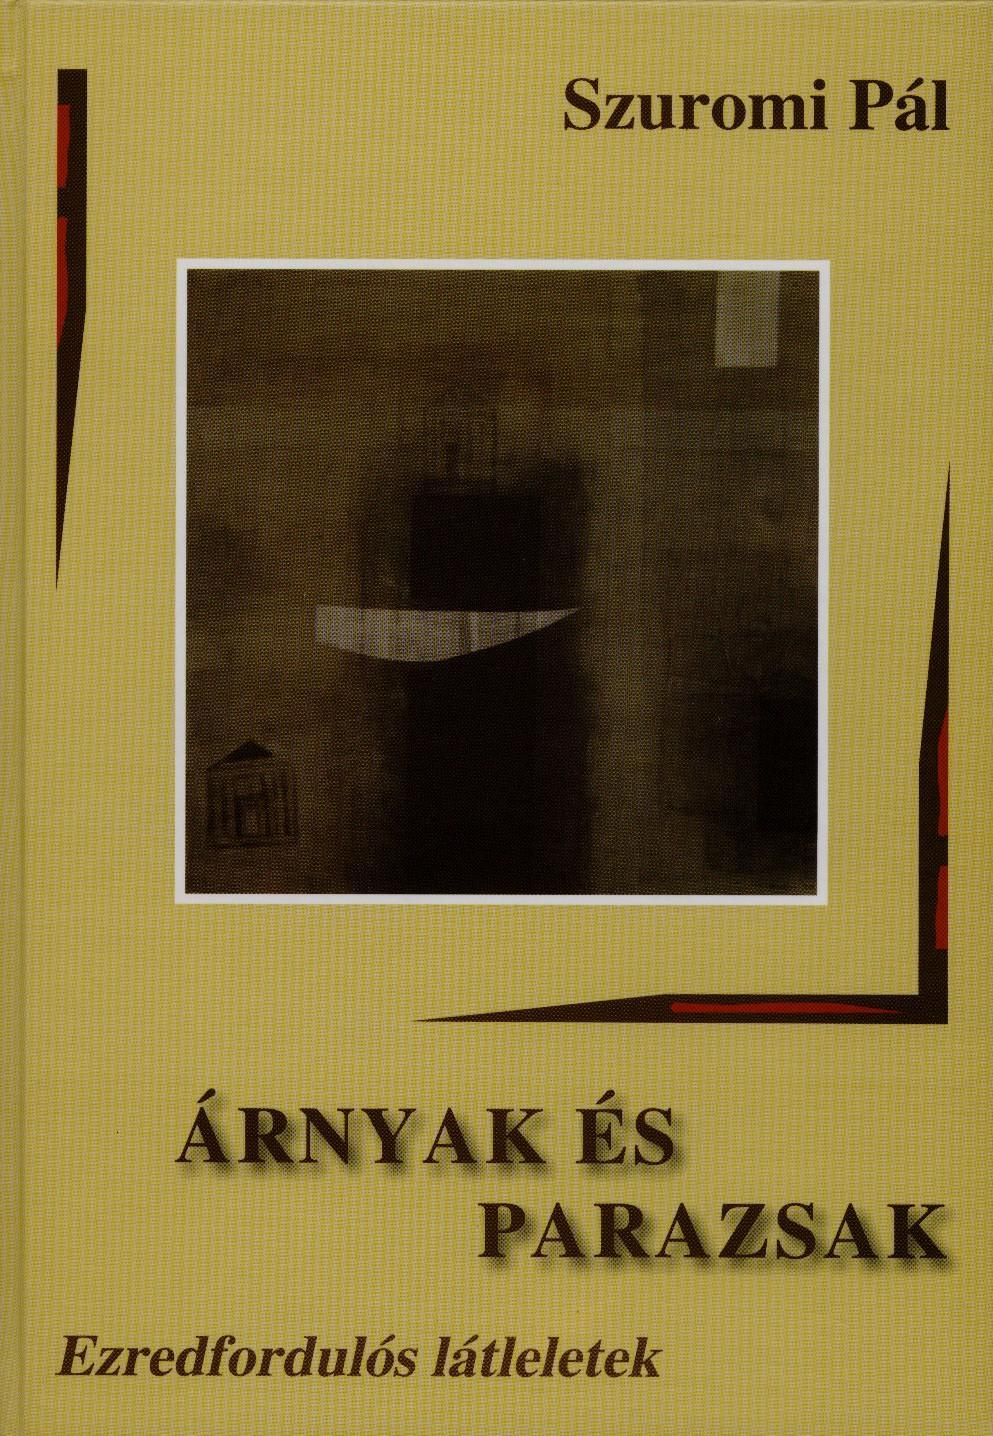 ÁRNYAK ÉS PARAZSAK - EZREDFORDULÓS LÁTLELETEK